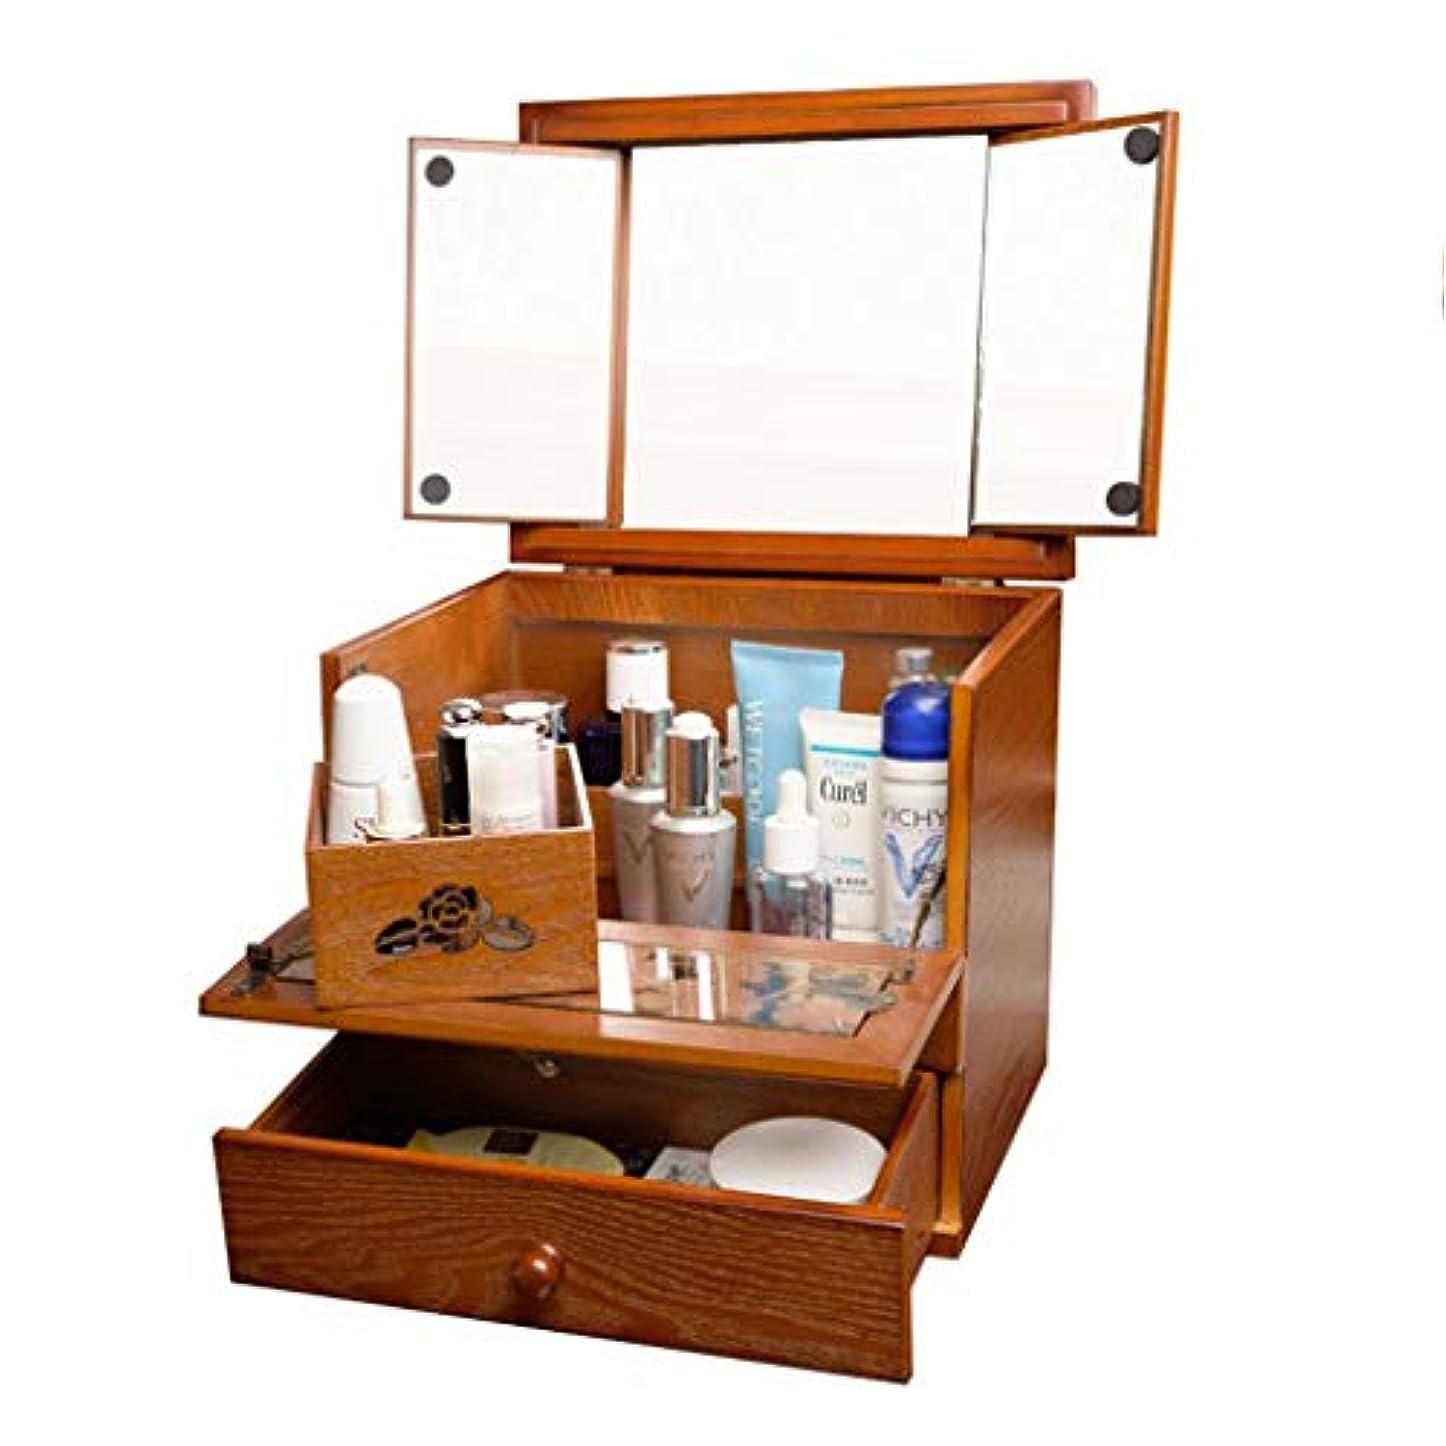 パンフレット剪断無意識メイクボックス 家庭化粧品収納ボックス木製大容量化粧箱鏡付きの小さなドレッシングテーブル (Color : Brown, Size : 27.5x22.5x32.5cm)